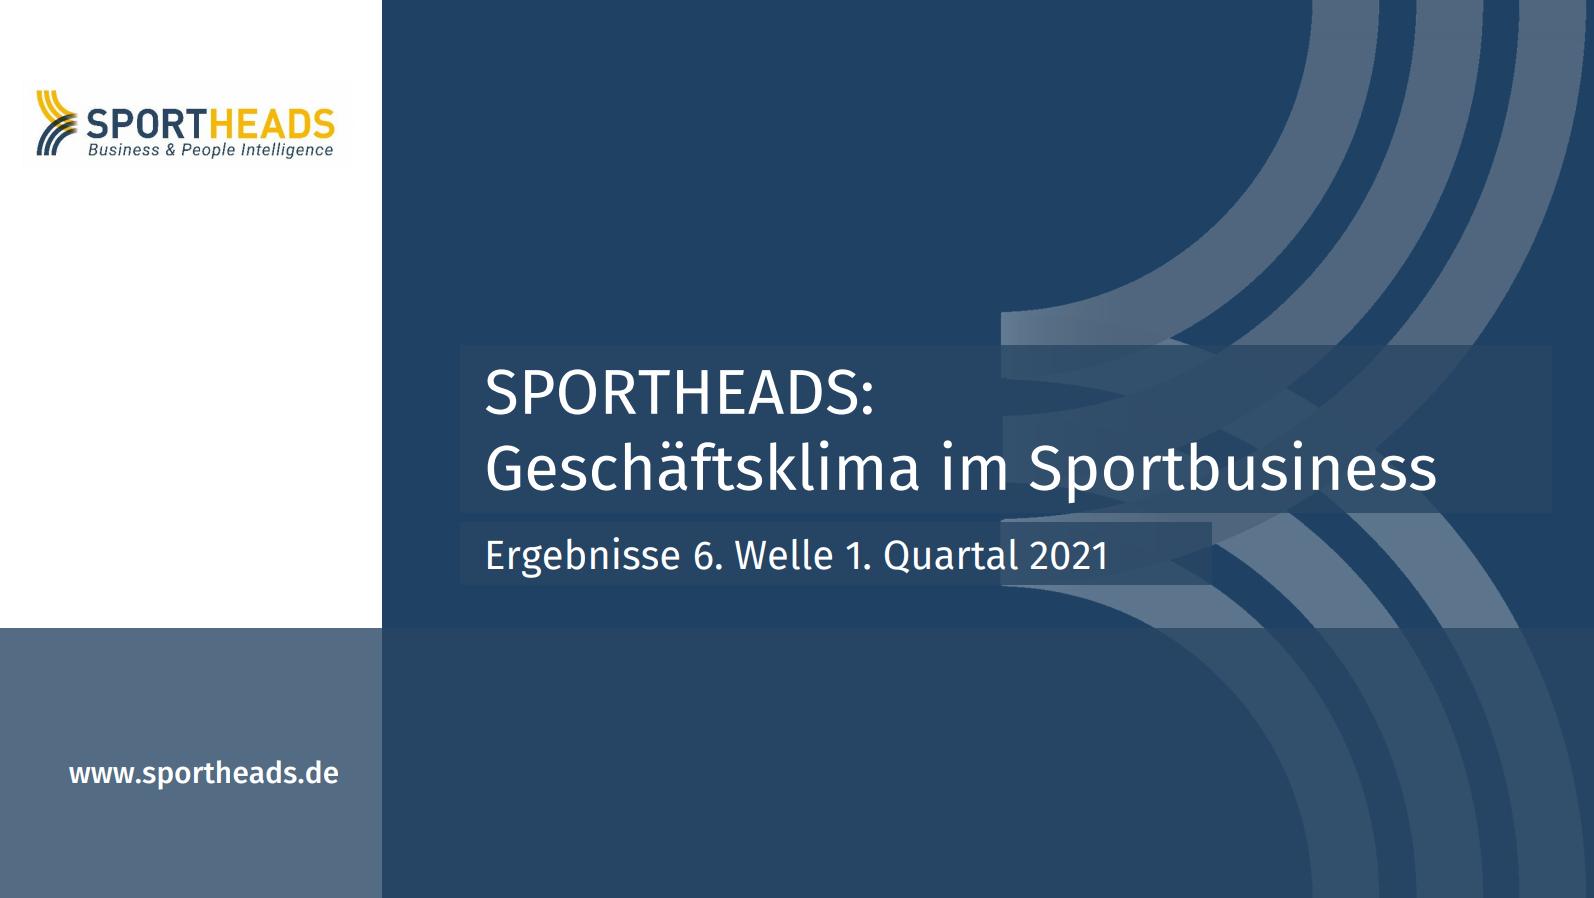 Geschäftsklima im Sportbusiness: Ergebnisse 6. Welle 1. Quartal 2021